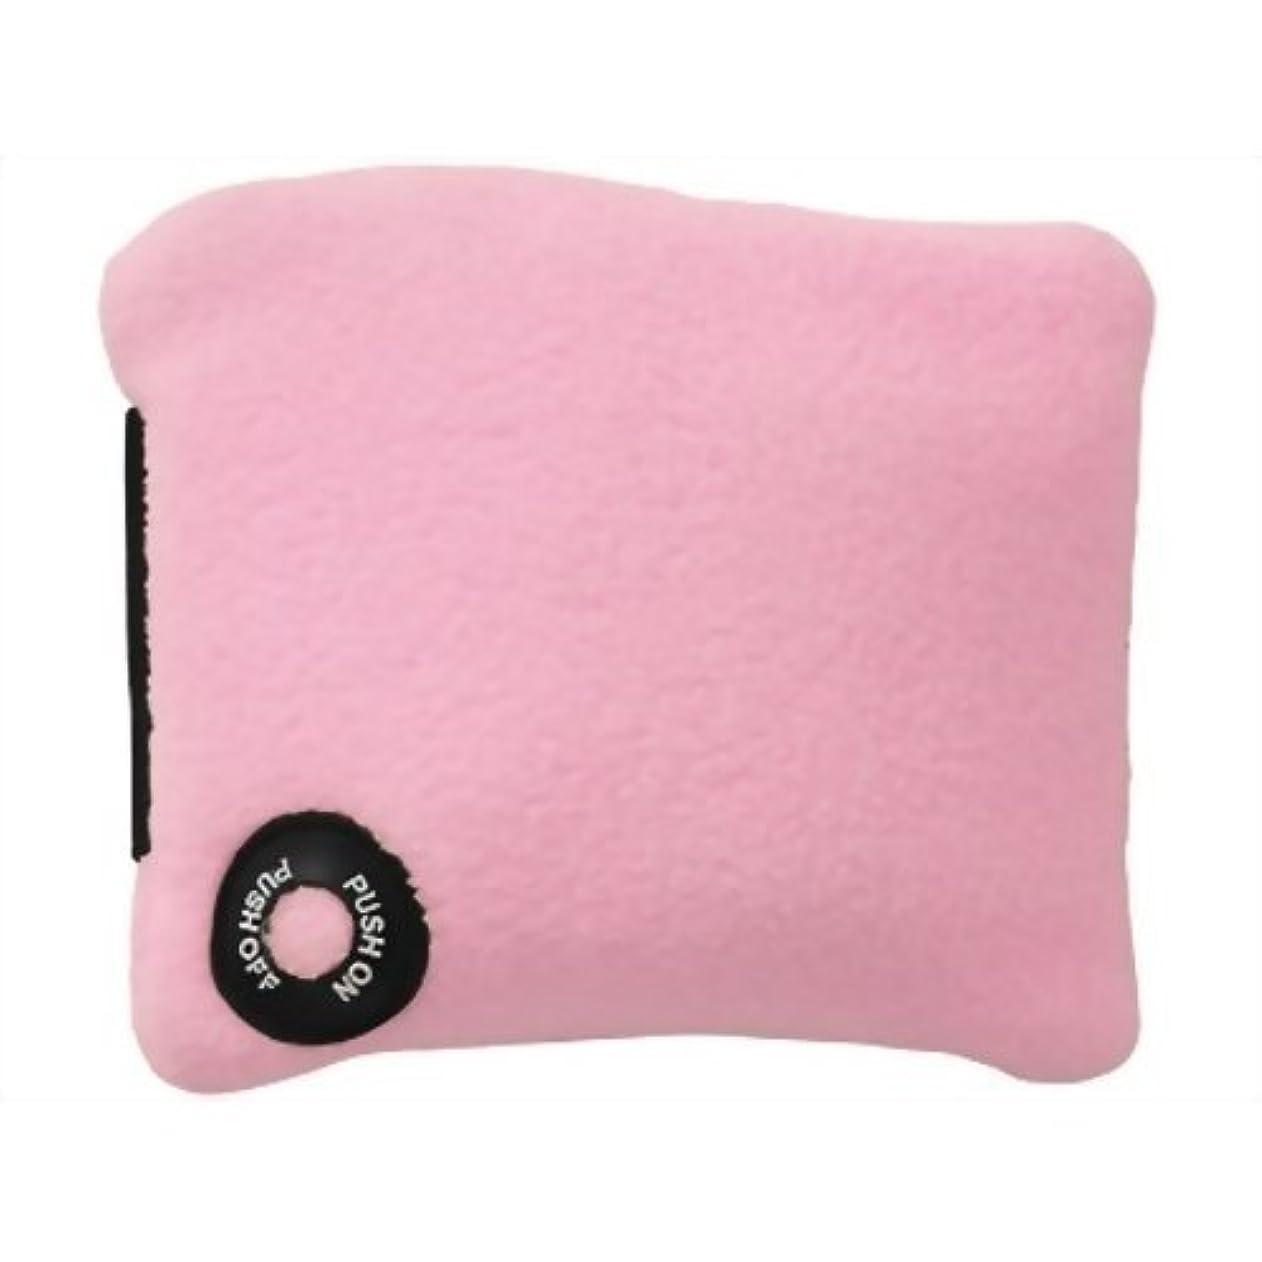 意欲湿原するぶるる 足用 ピンク フリーサイズ